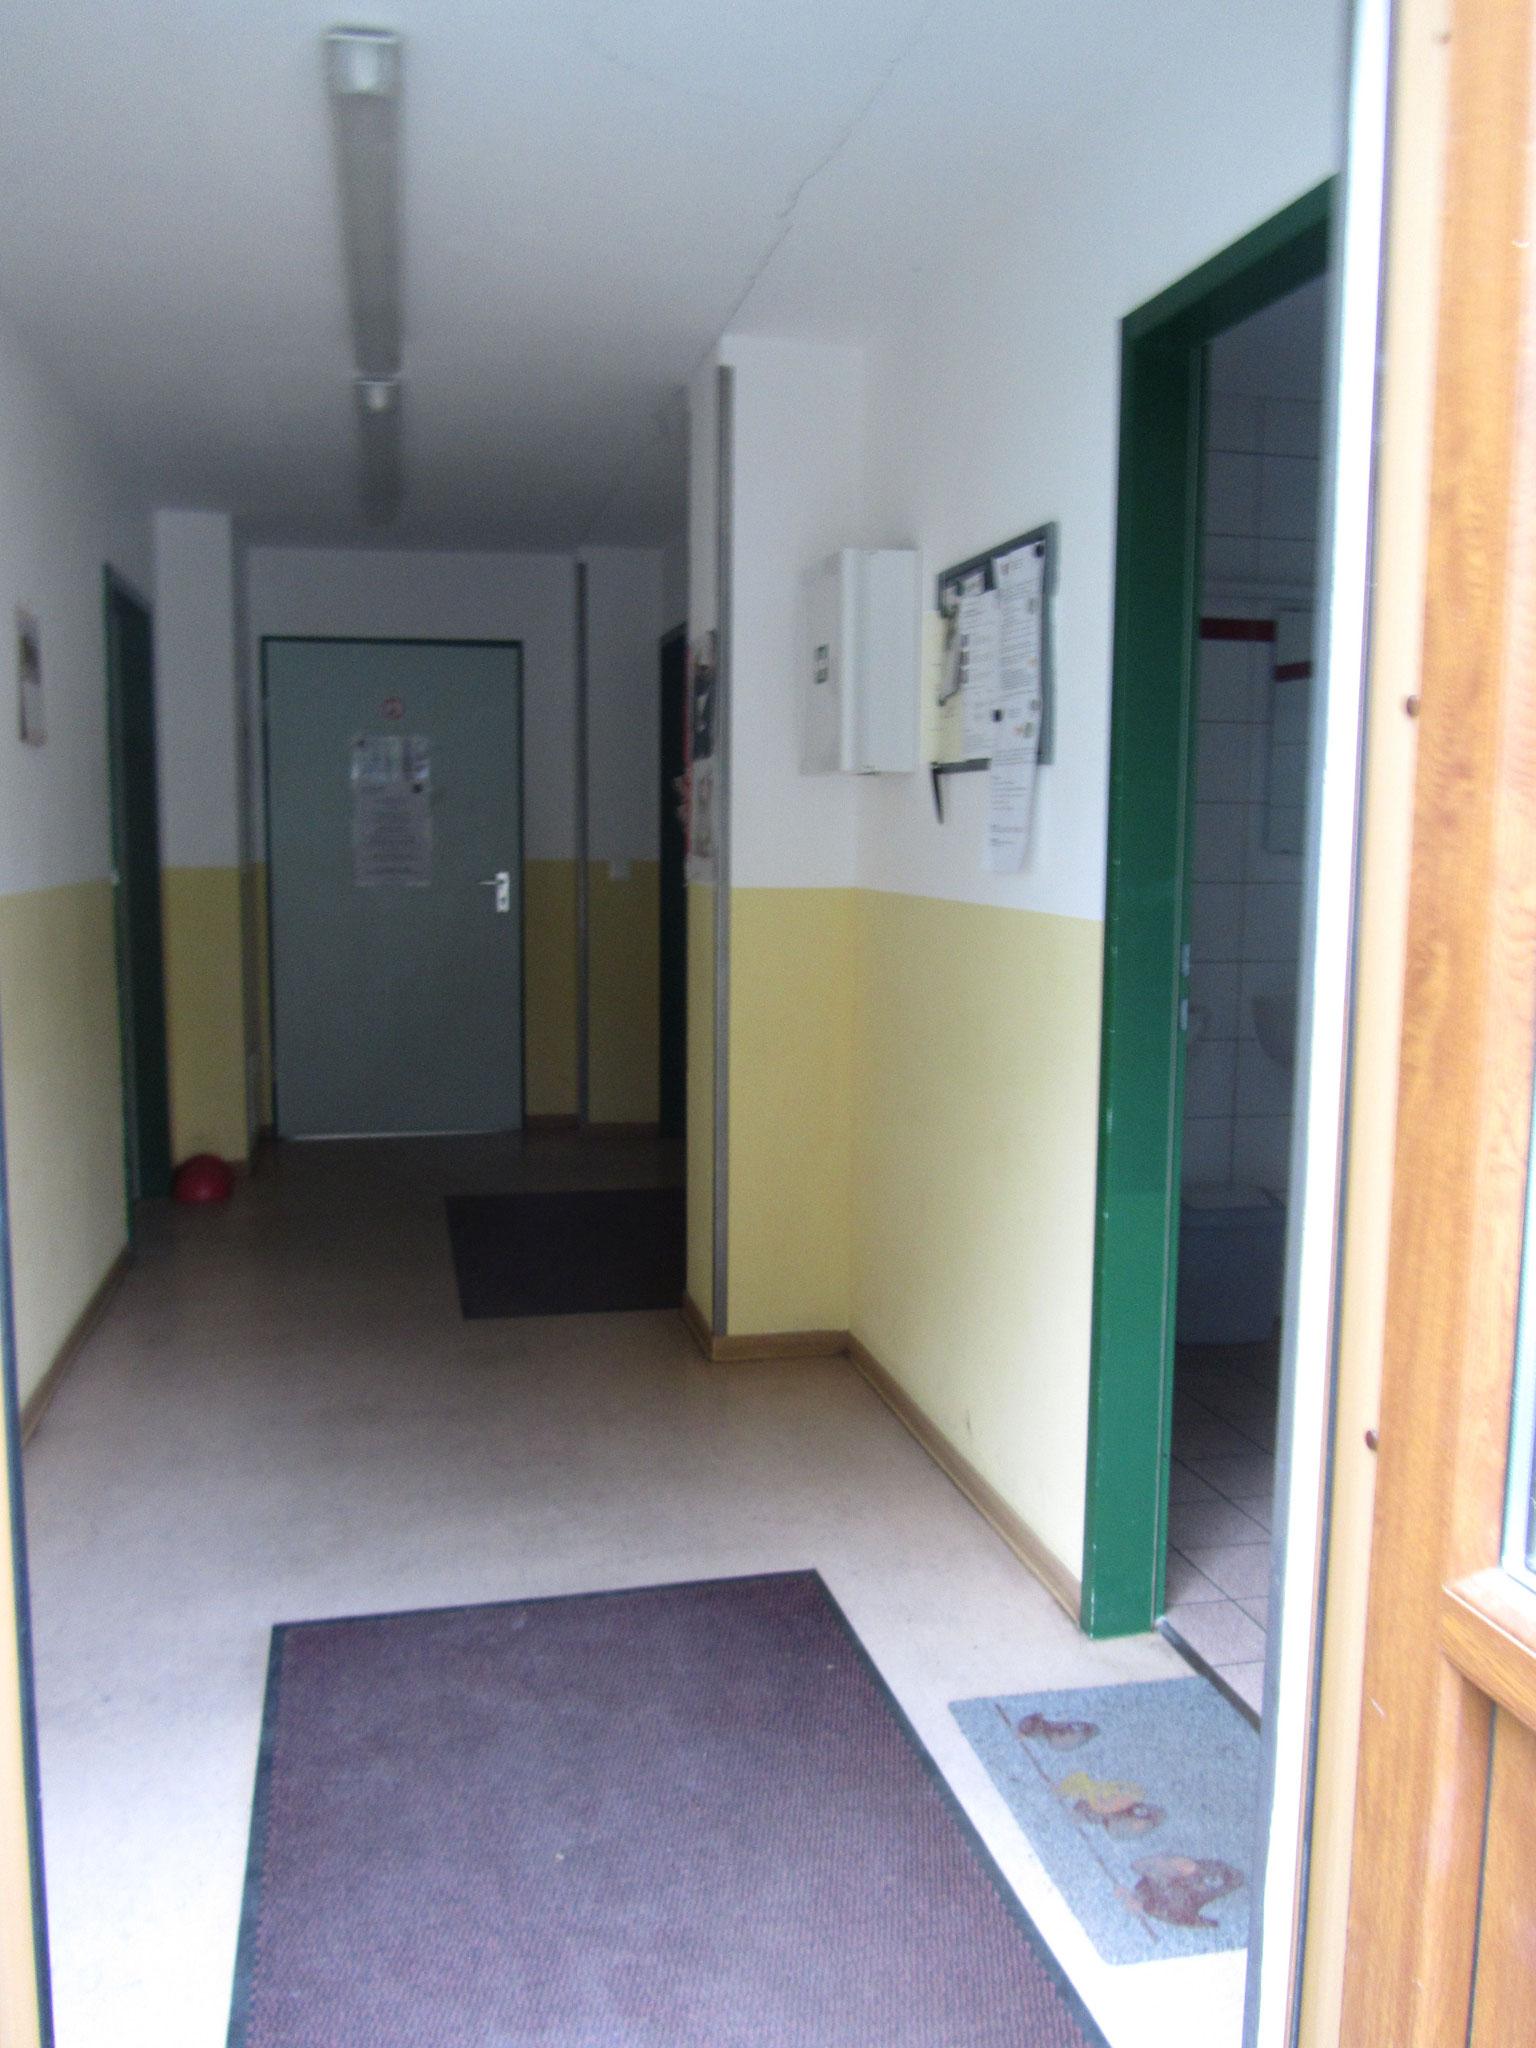 Büro Patzwart SV Lokomotive Hafen Potsdam